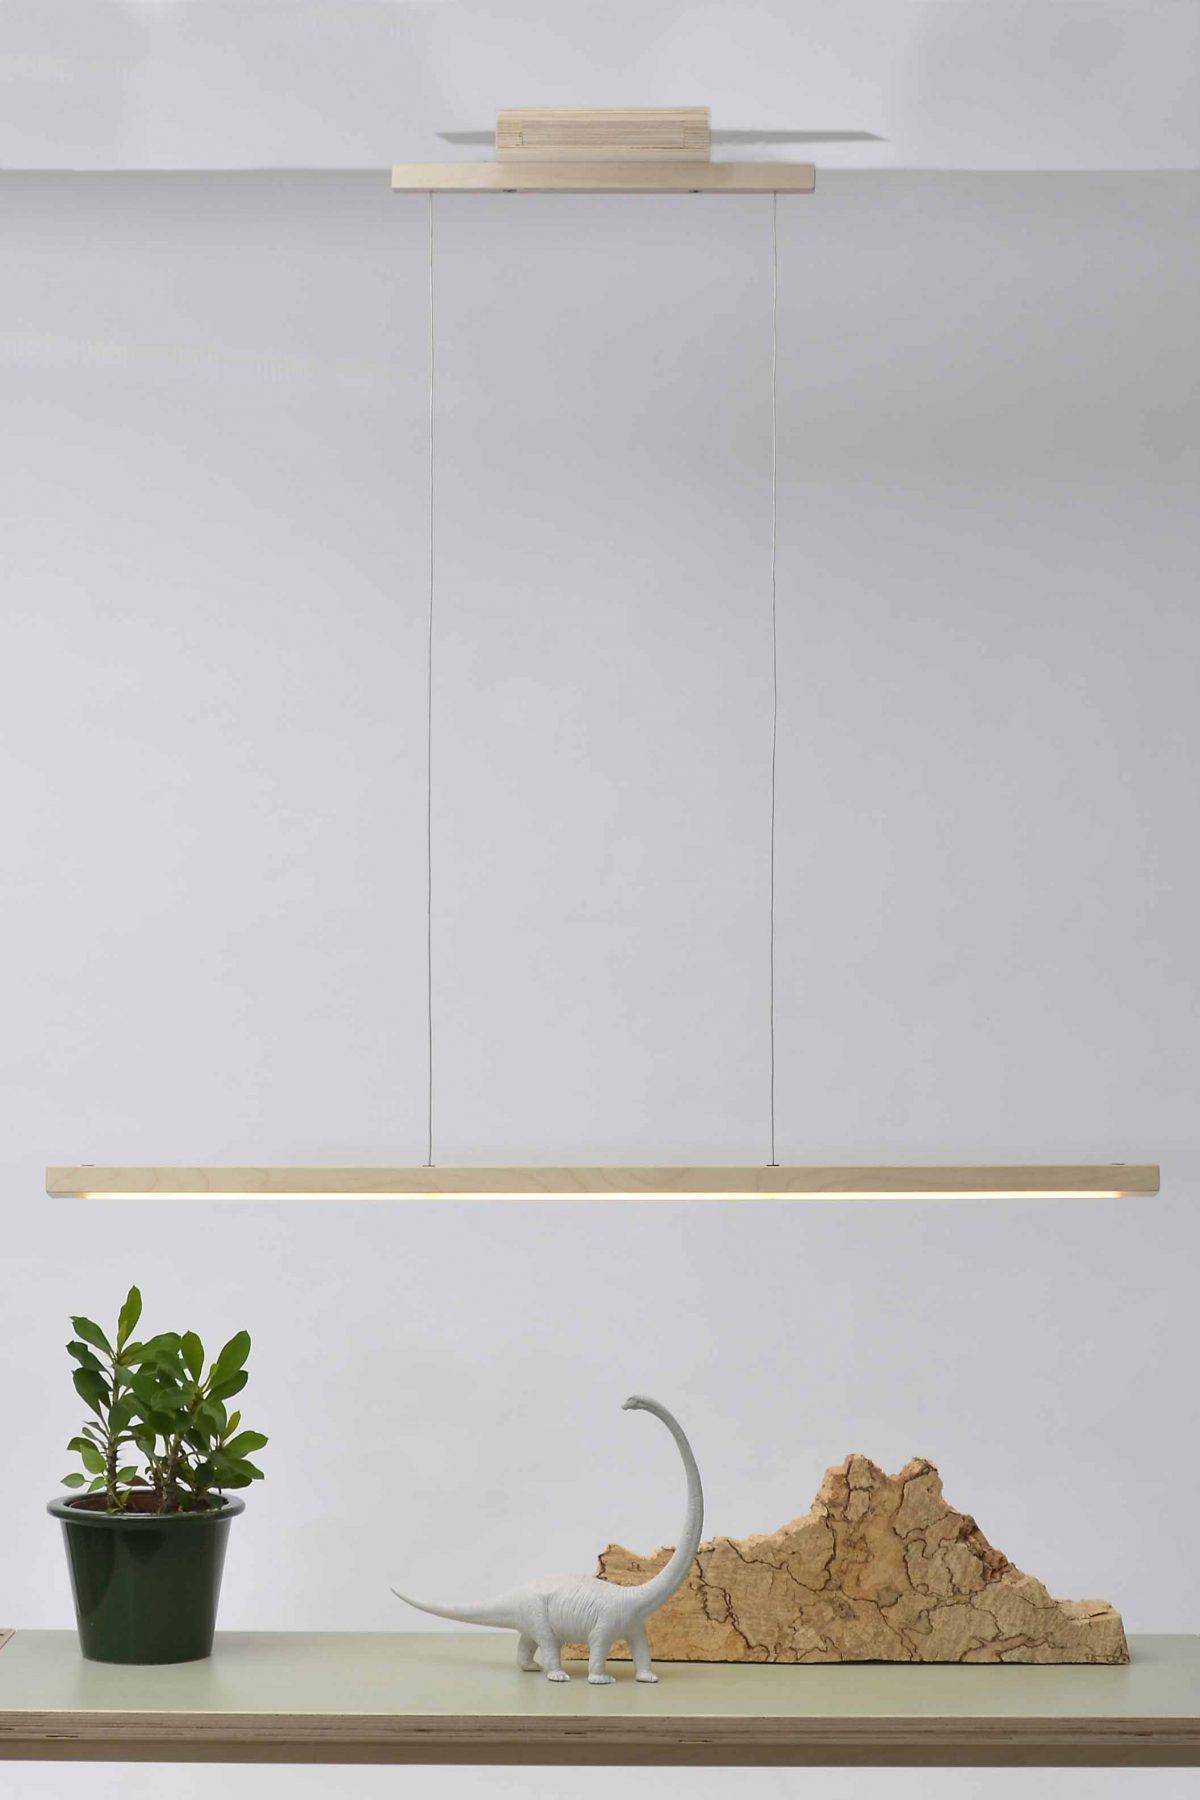 Sfeer 24 mm line led Hanglamp van Arend Groosman